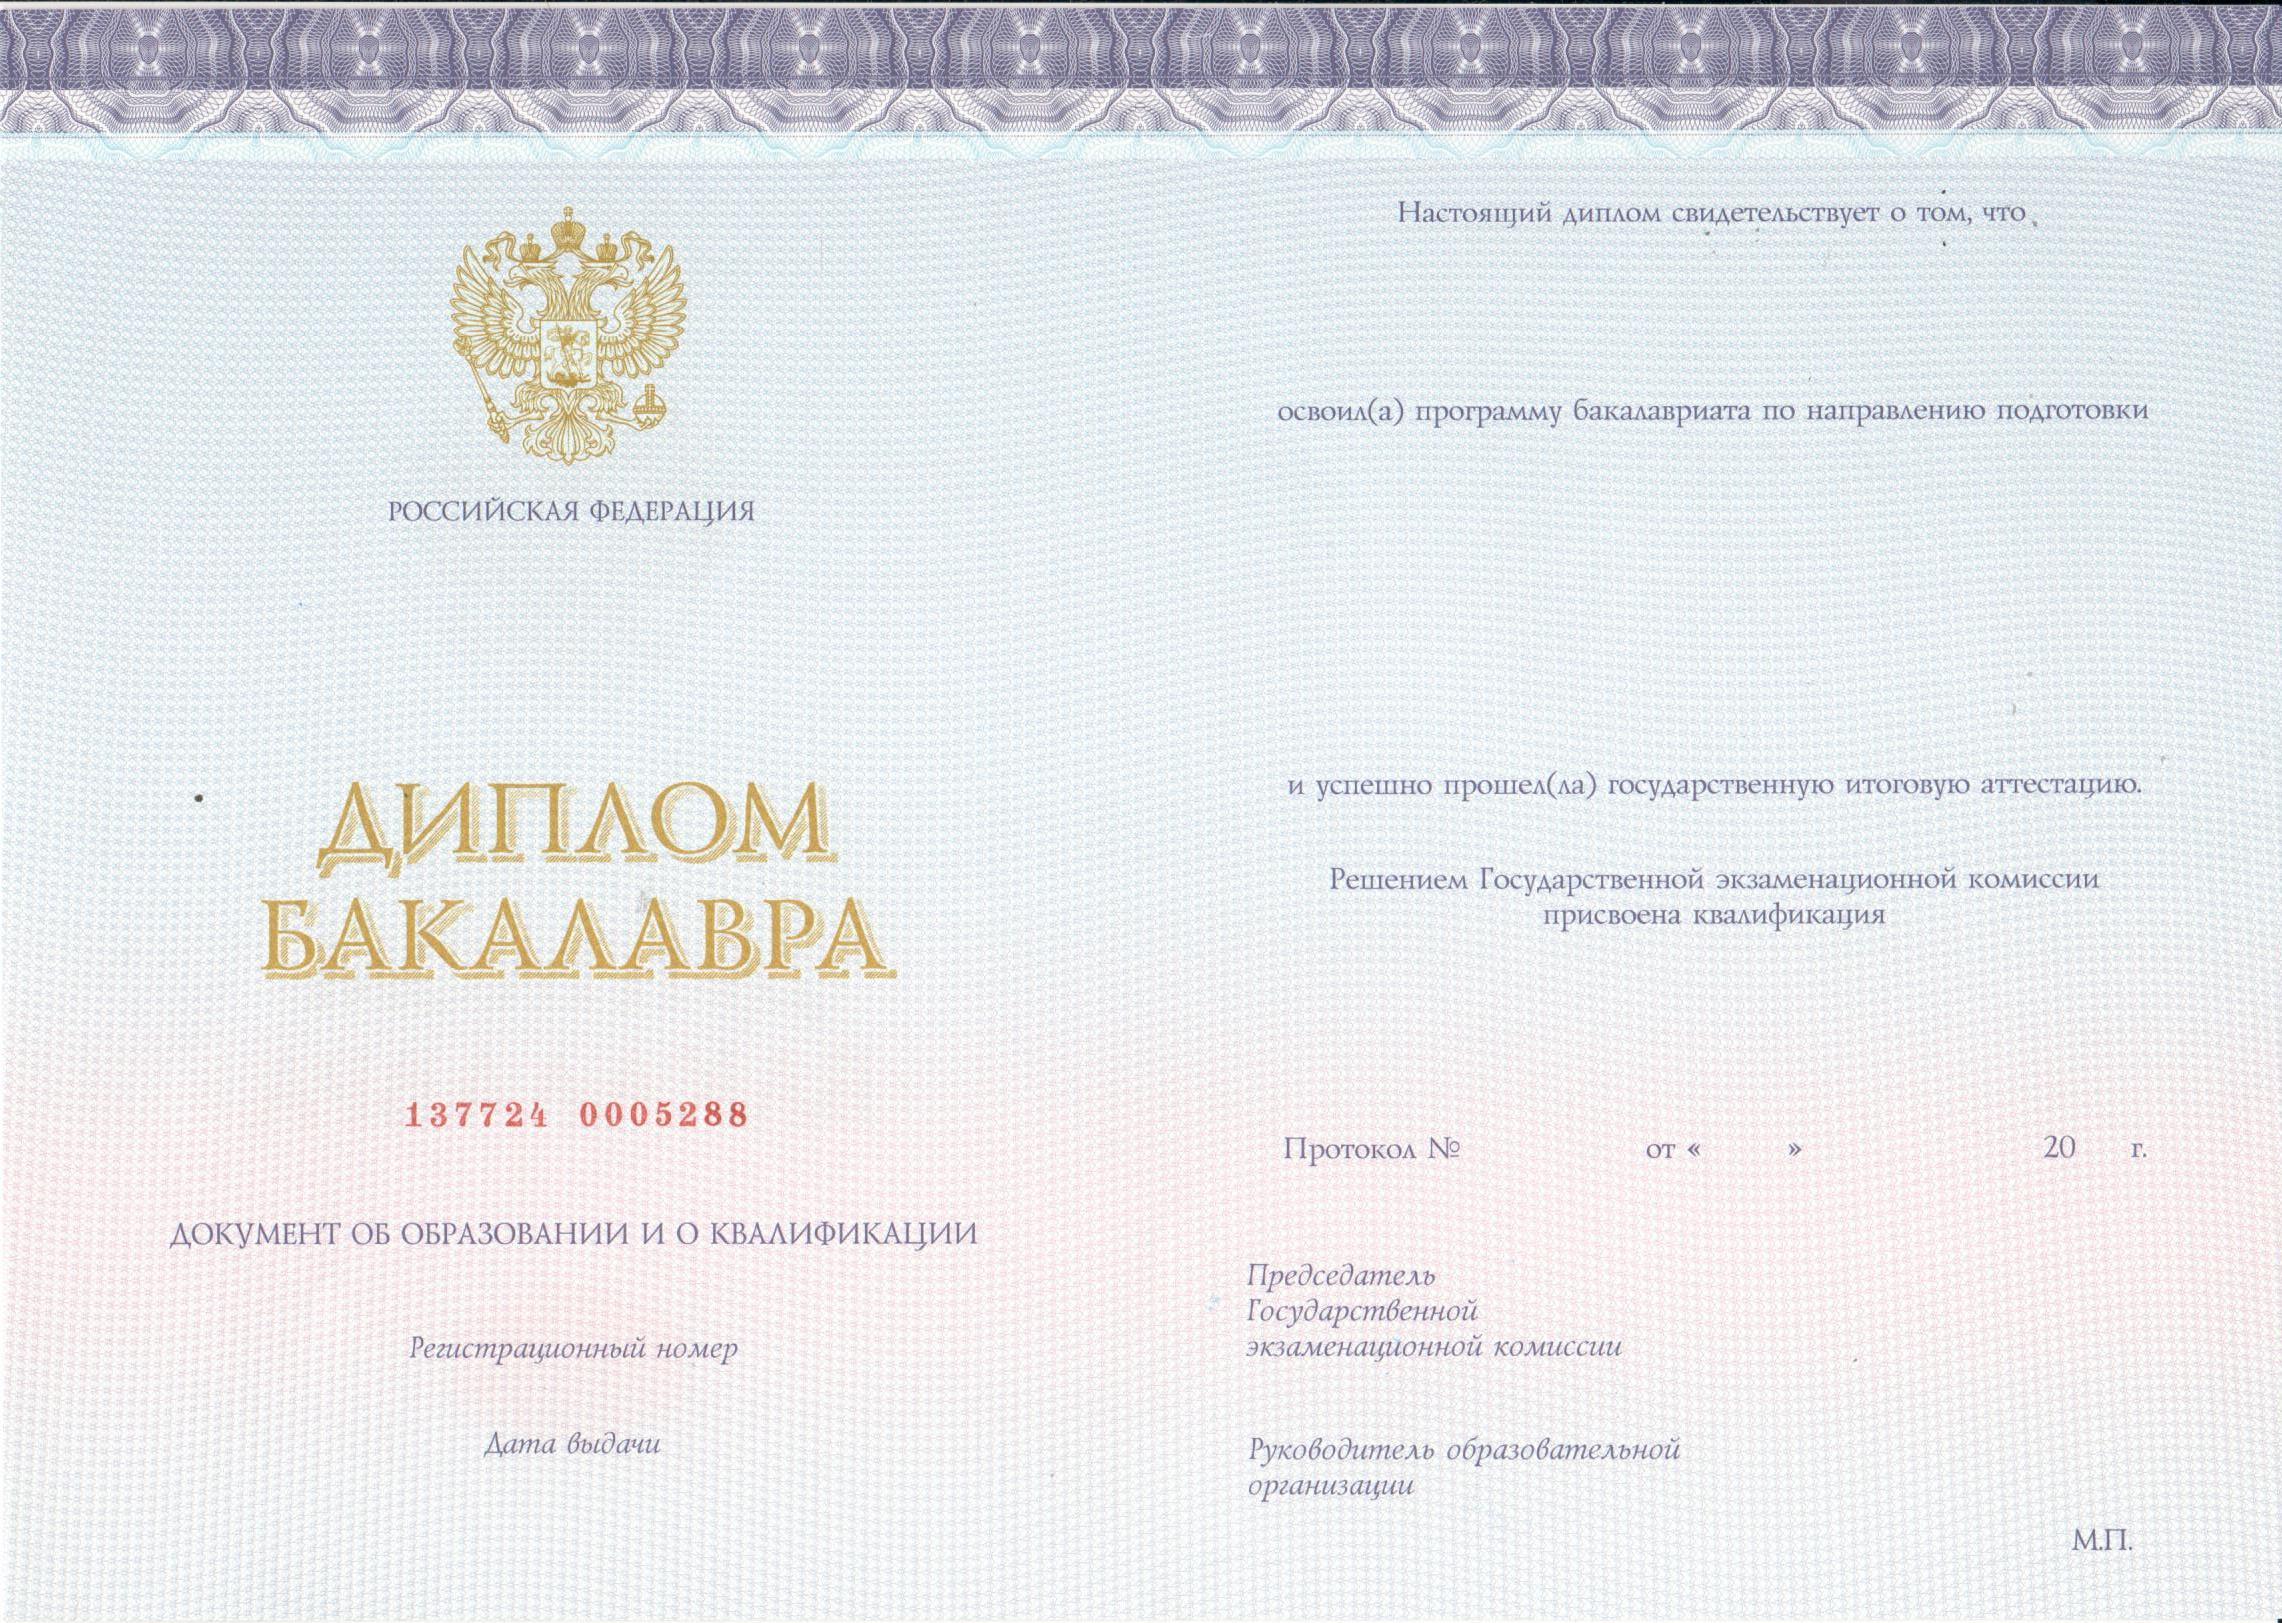 ИНСТИТУТ НАЦИОНАЛЬНОЙ БЕЗОПАСНОСТИ И УПРАВЛЕНИЯ РИСКАМИ  Российский диплом бакалавра государственного образца